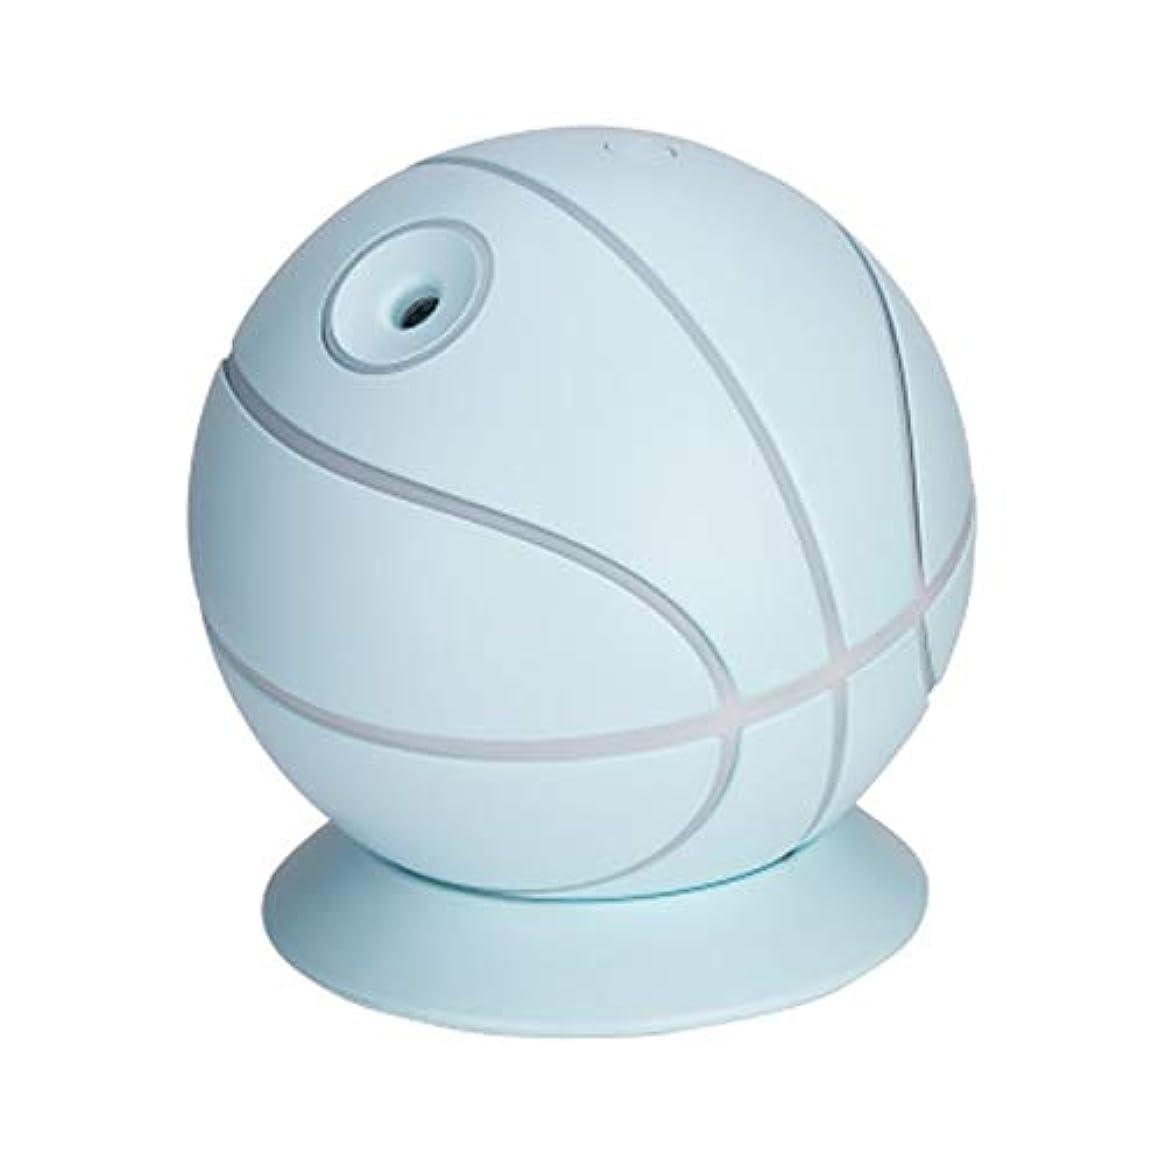 松の木微妙配送バスケットボール エッセンシャルオイル ディフューザー、 USB 超音波 酸素 流量計 アトマイザー クールミスト 空気 加湿器、 180° ロータリー ミニ ディフューザー にとって ホーム 車 事,Blue